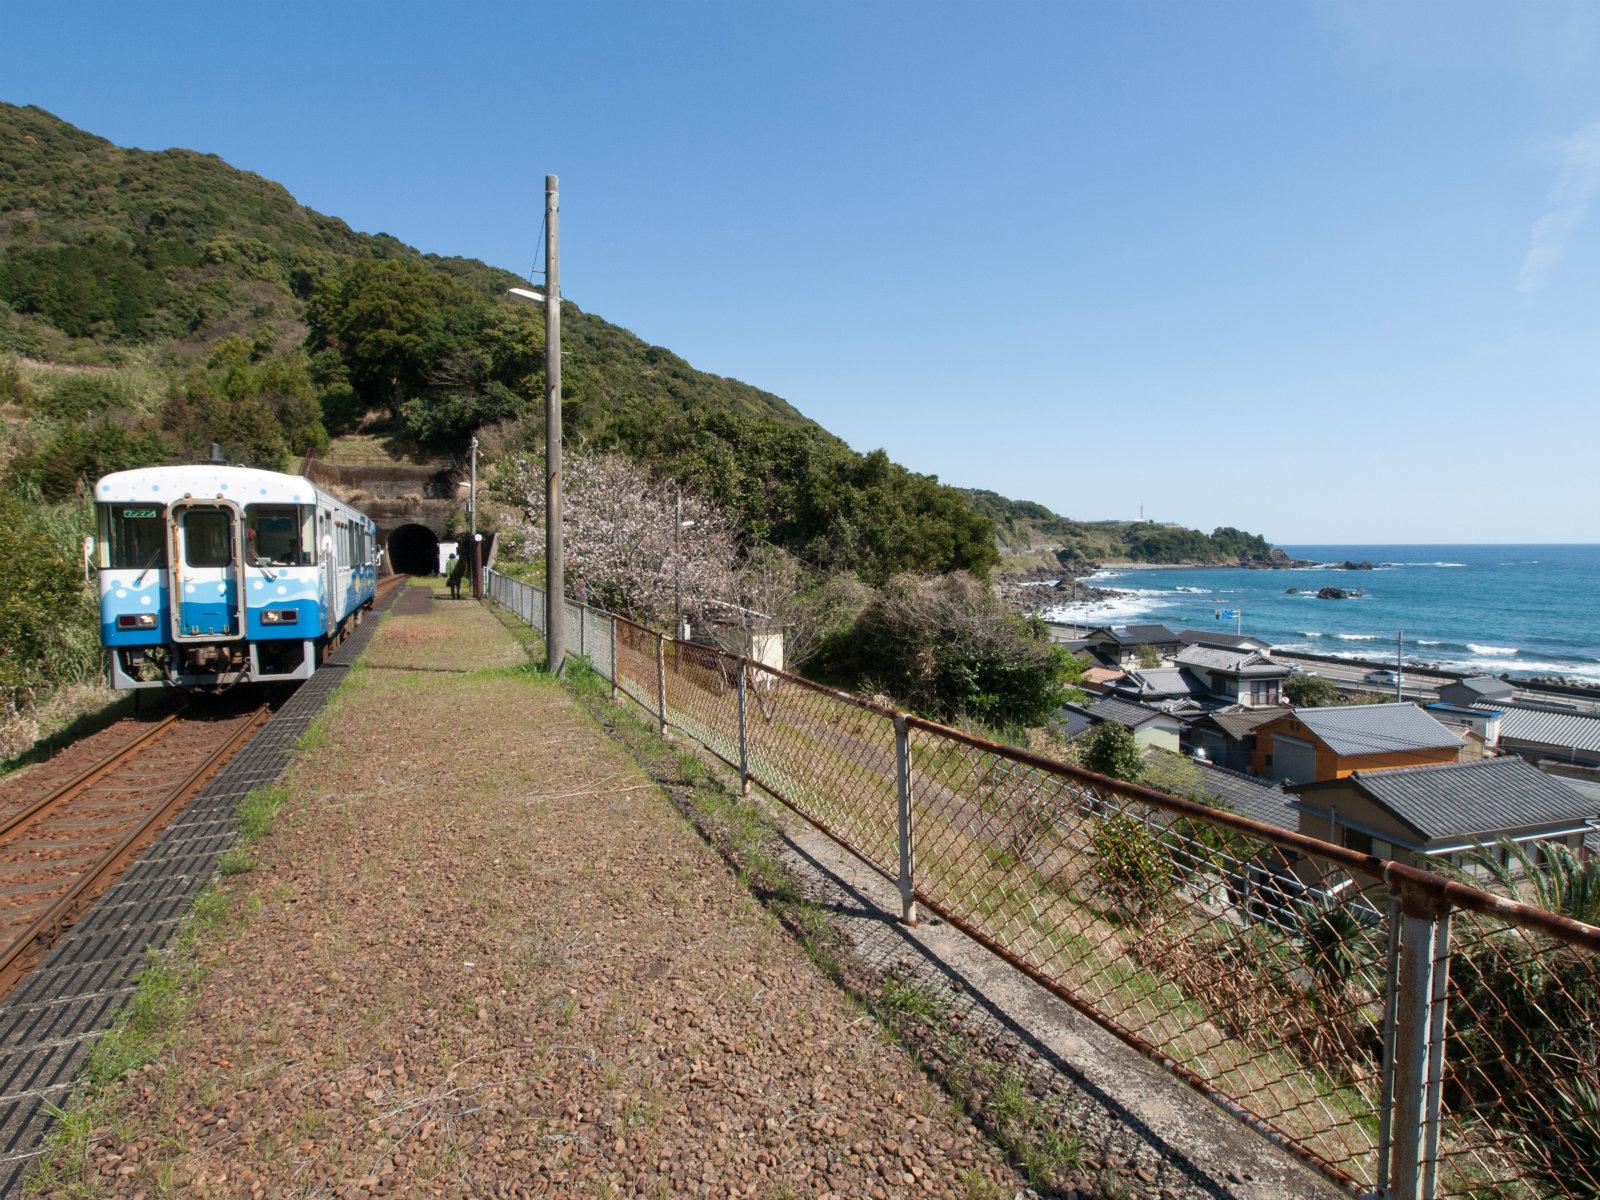 やってきた列車は海に似合うカラーリングでした。